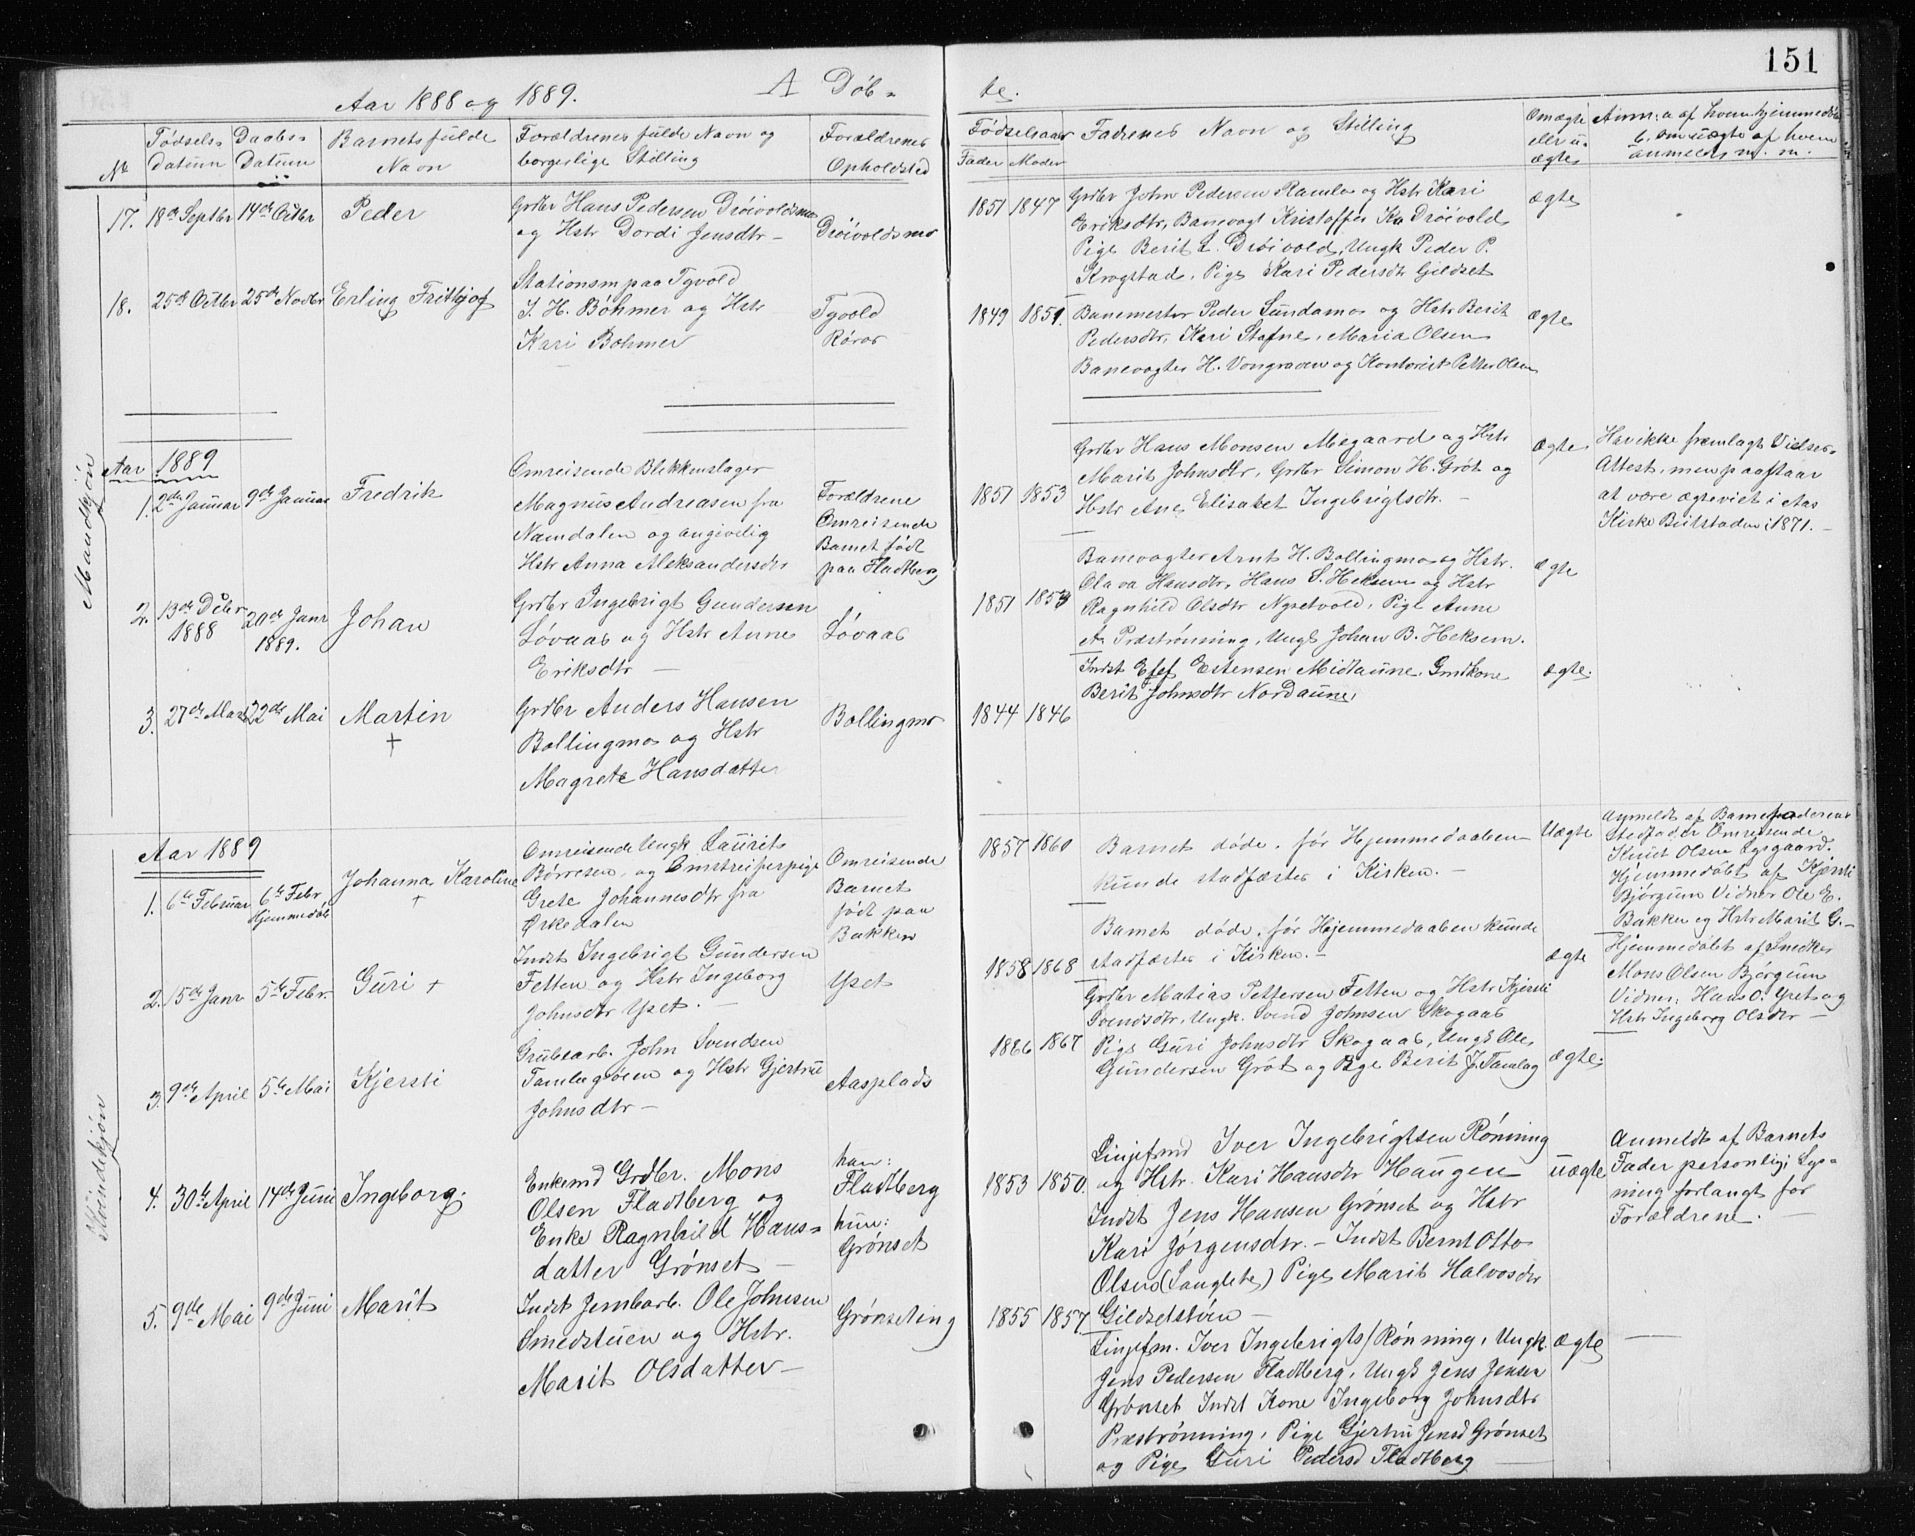 SAT, Ministerialprotokoller, klokkerbøker og fødselsregistre - Sør-Trøndelag, 685/L0977: Klokkerbok nr. 685C02, 1879-1890, s. 151